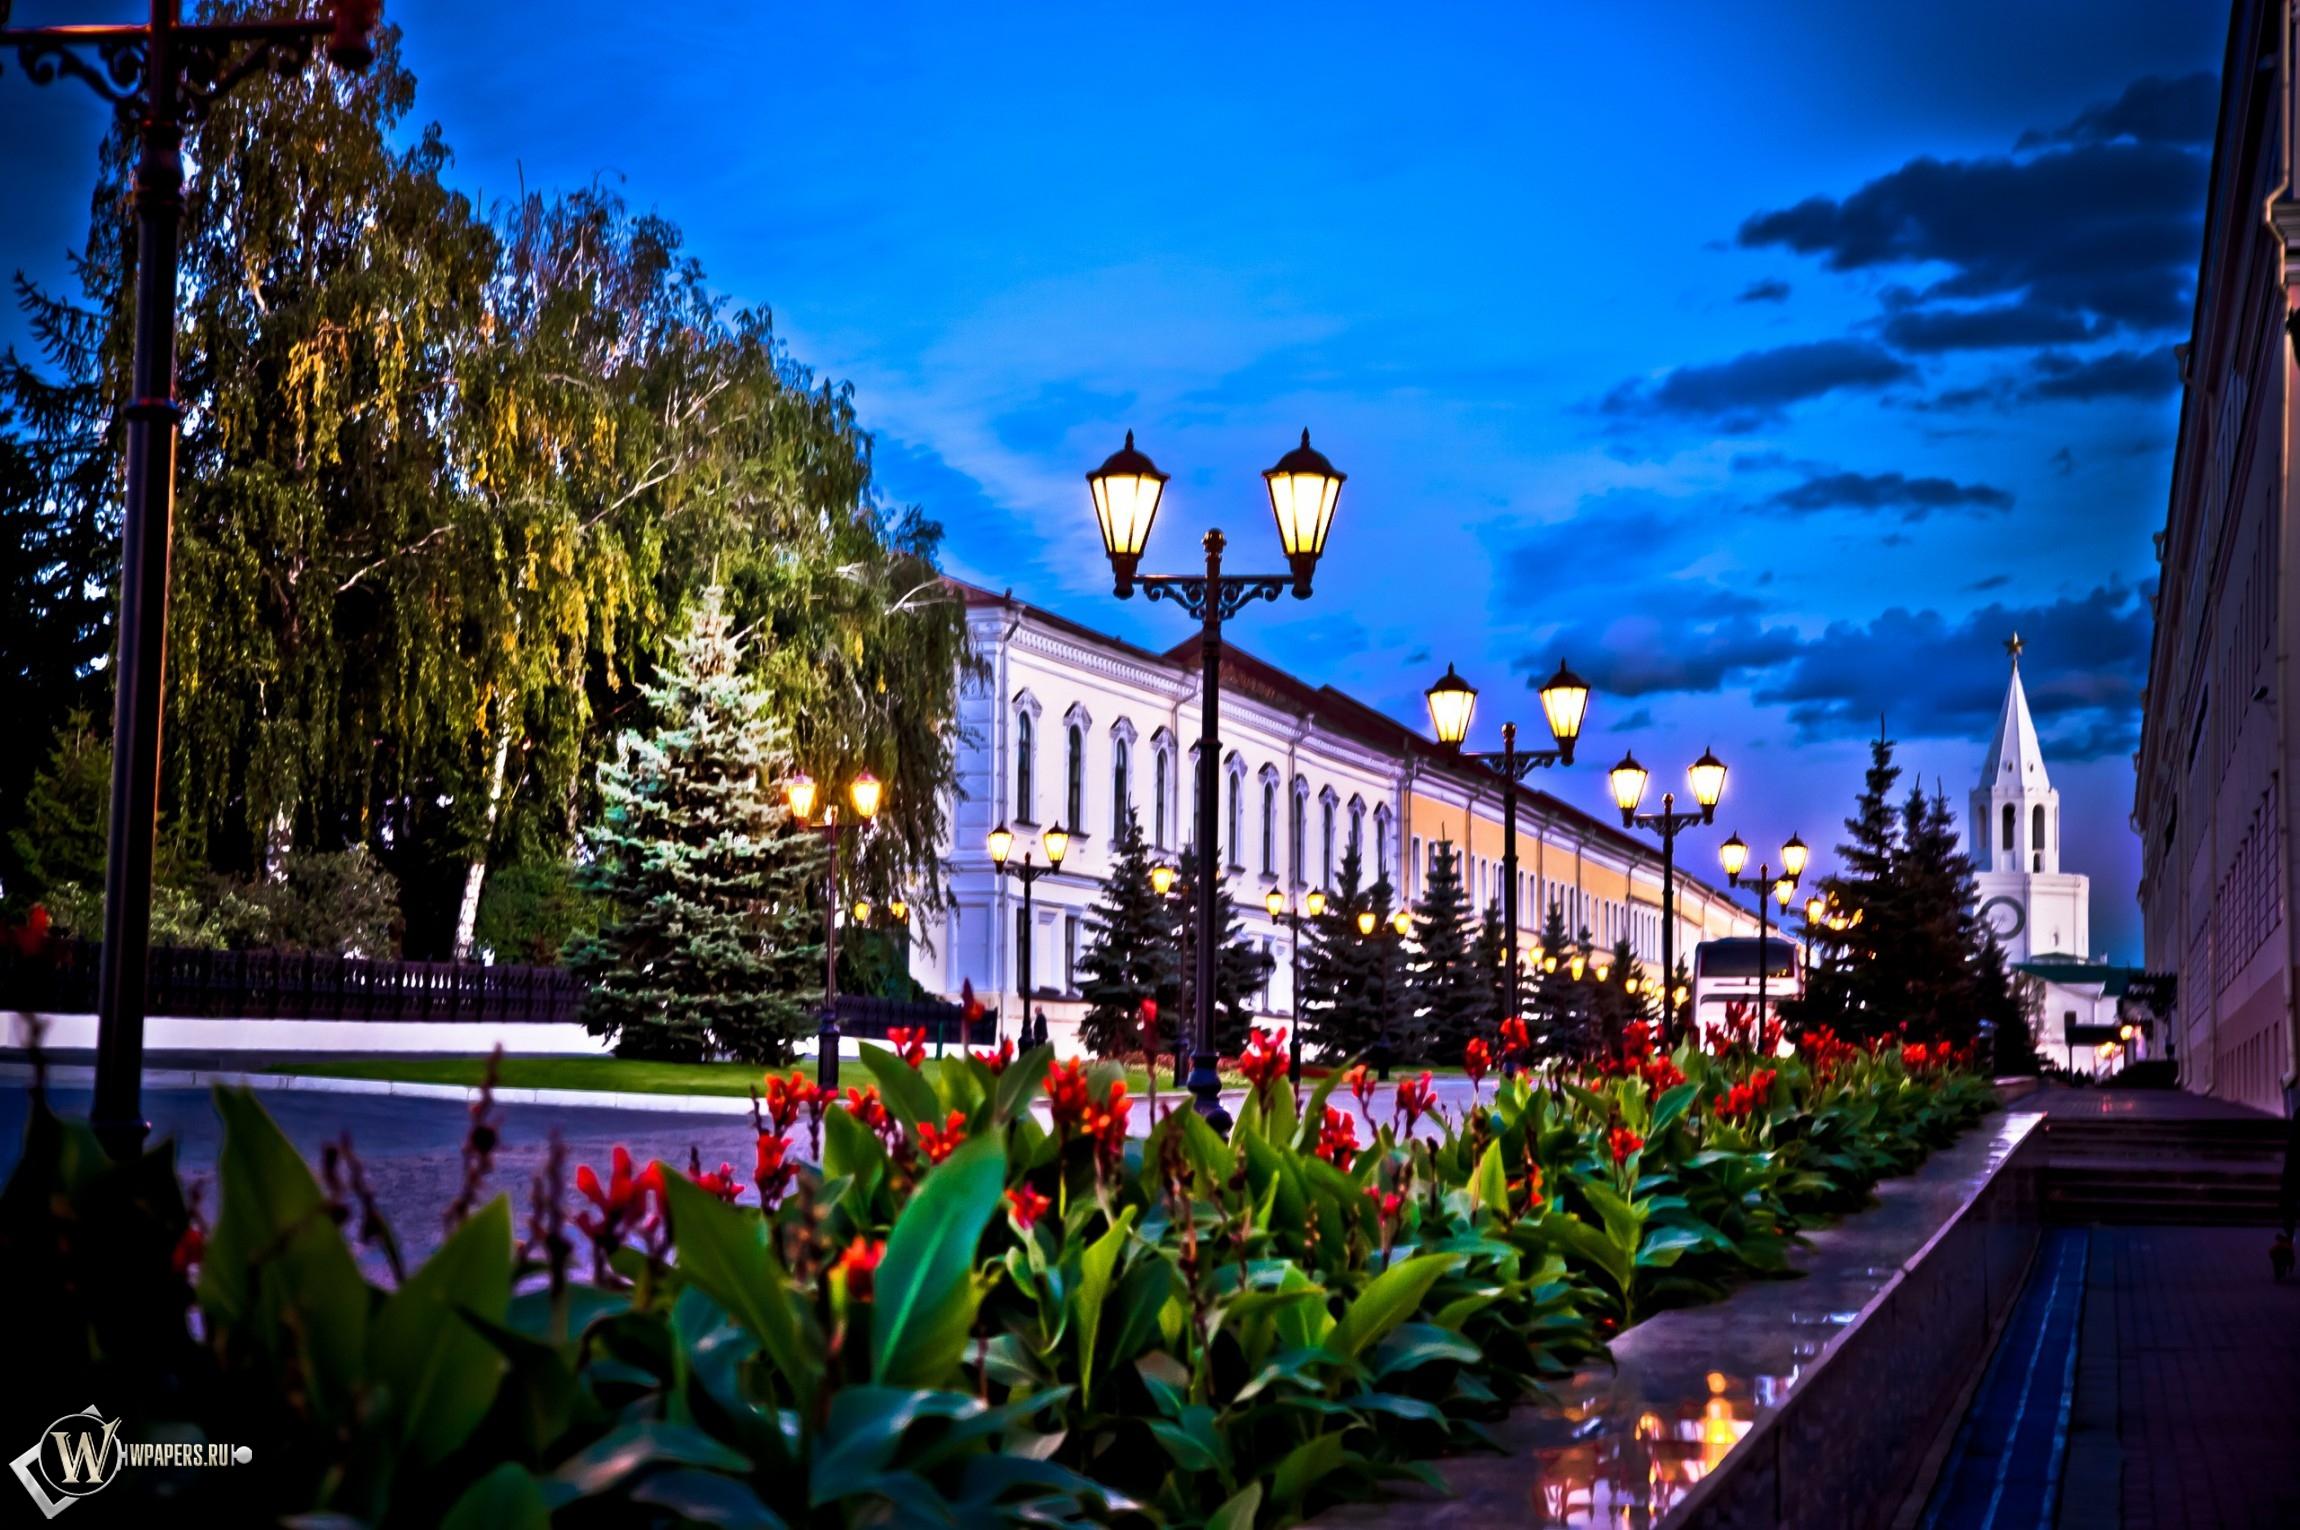 Казань улица Кремлевская 2300x1530